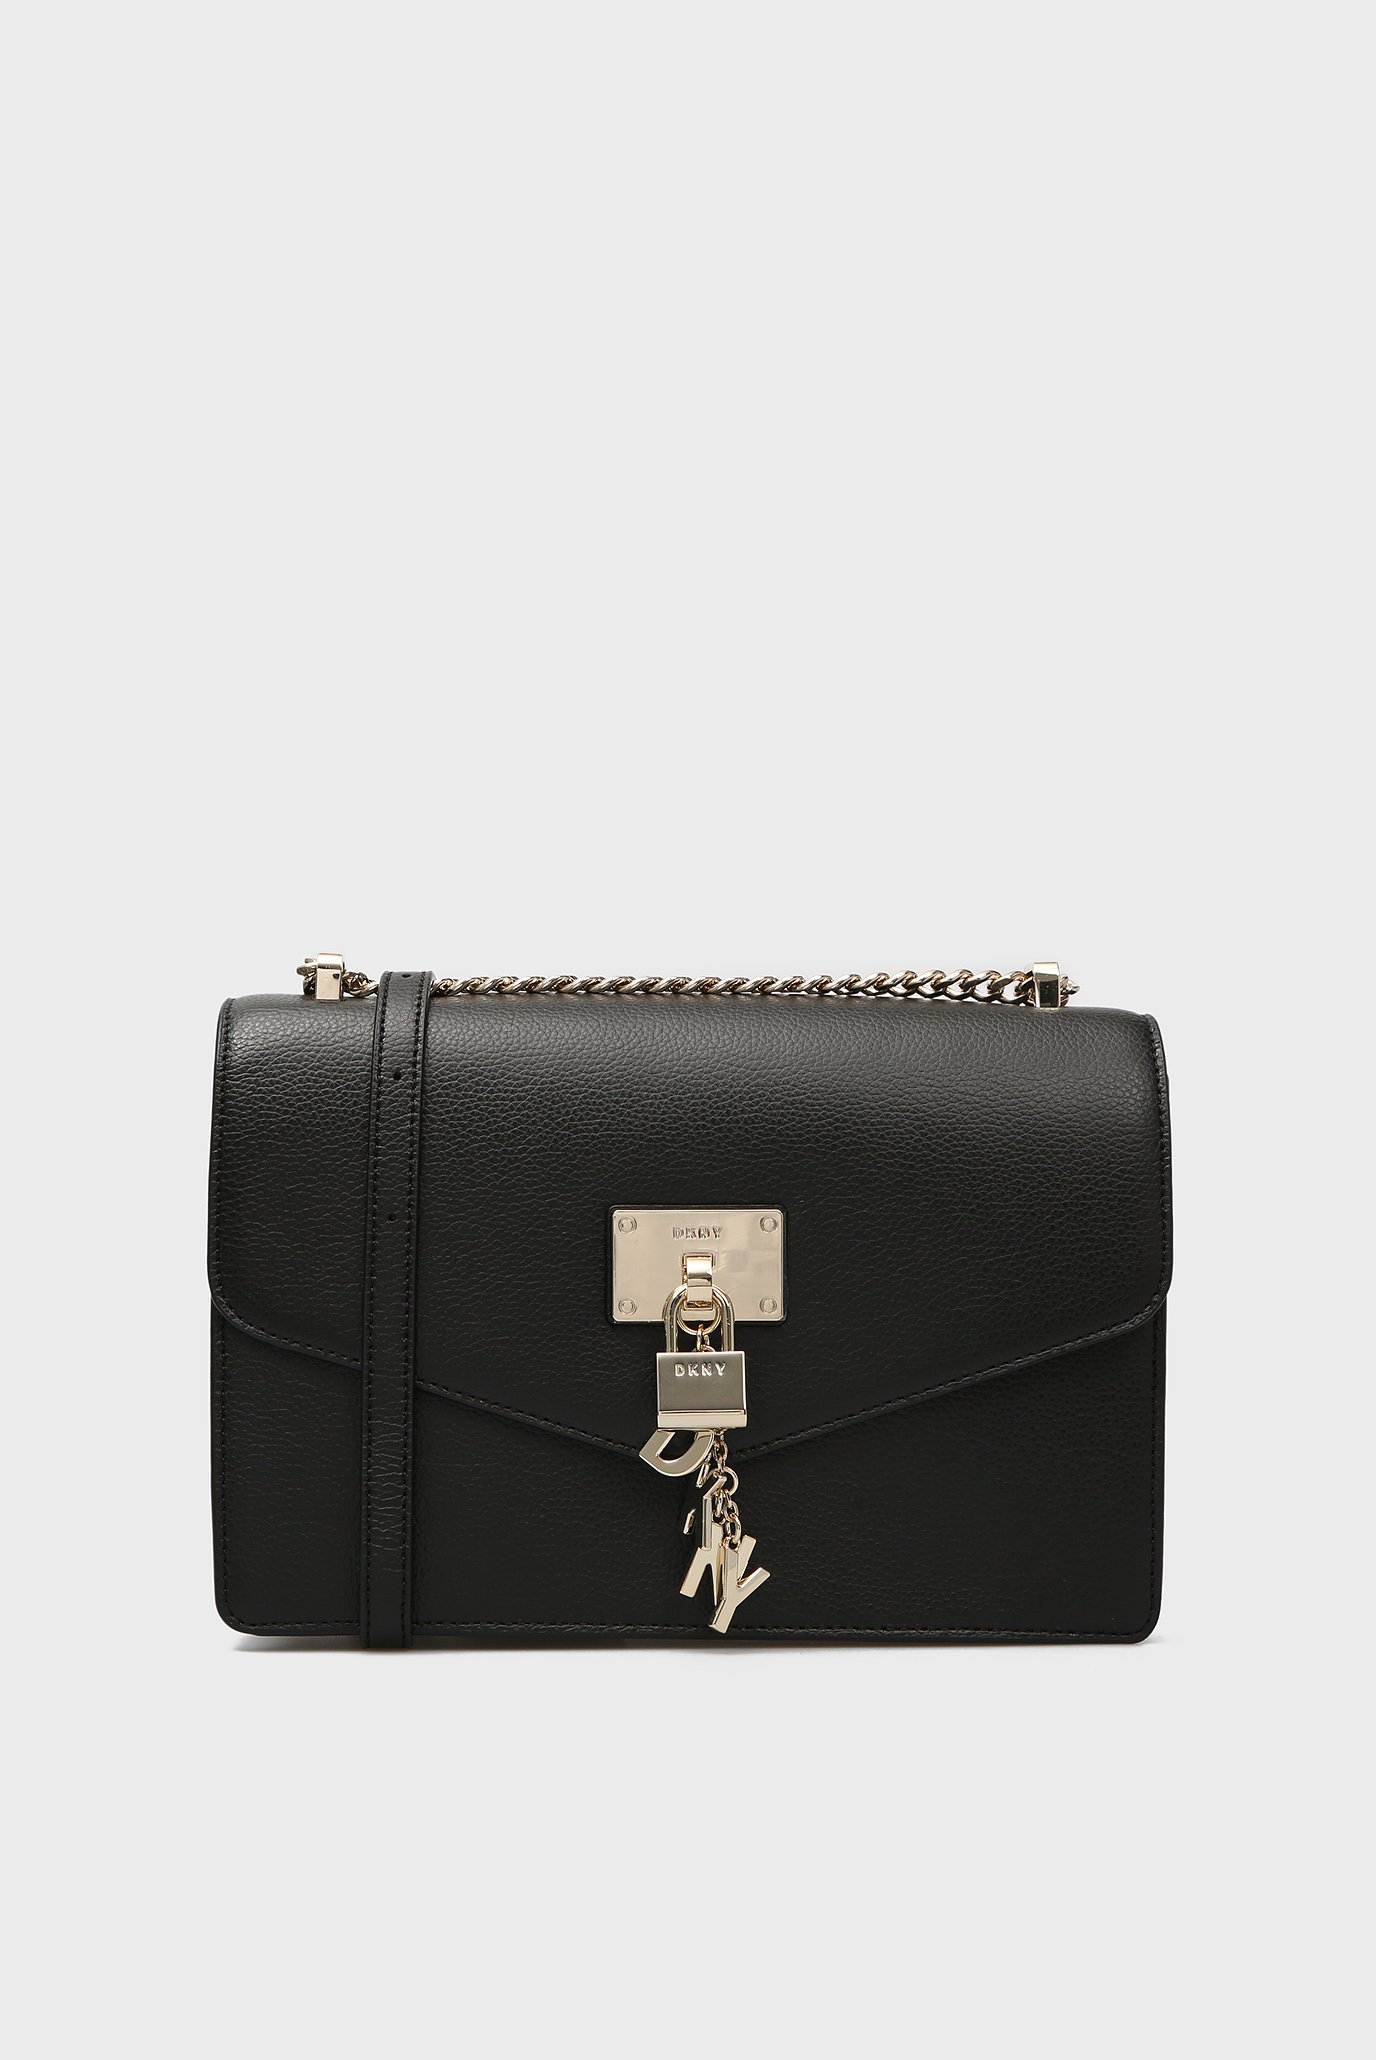 Купить Женская черная кожаная сумка через плечо ELISSA-LG DKNY DKNY R813H281 – Киев, Украина. Цены в интернет магазине MD Fashion